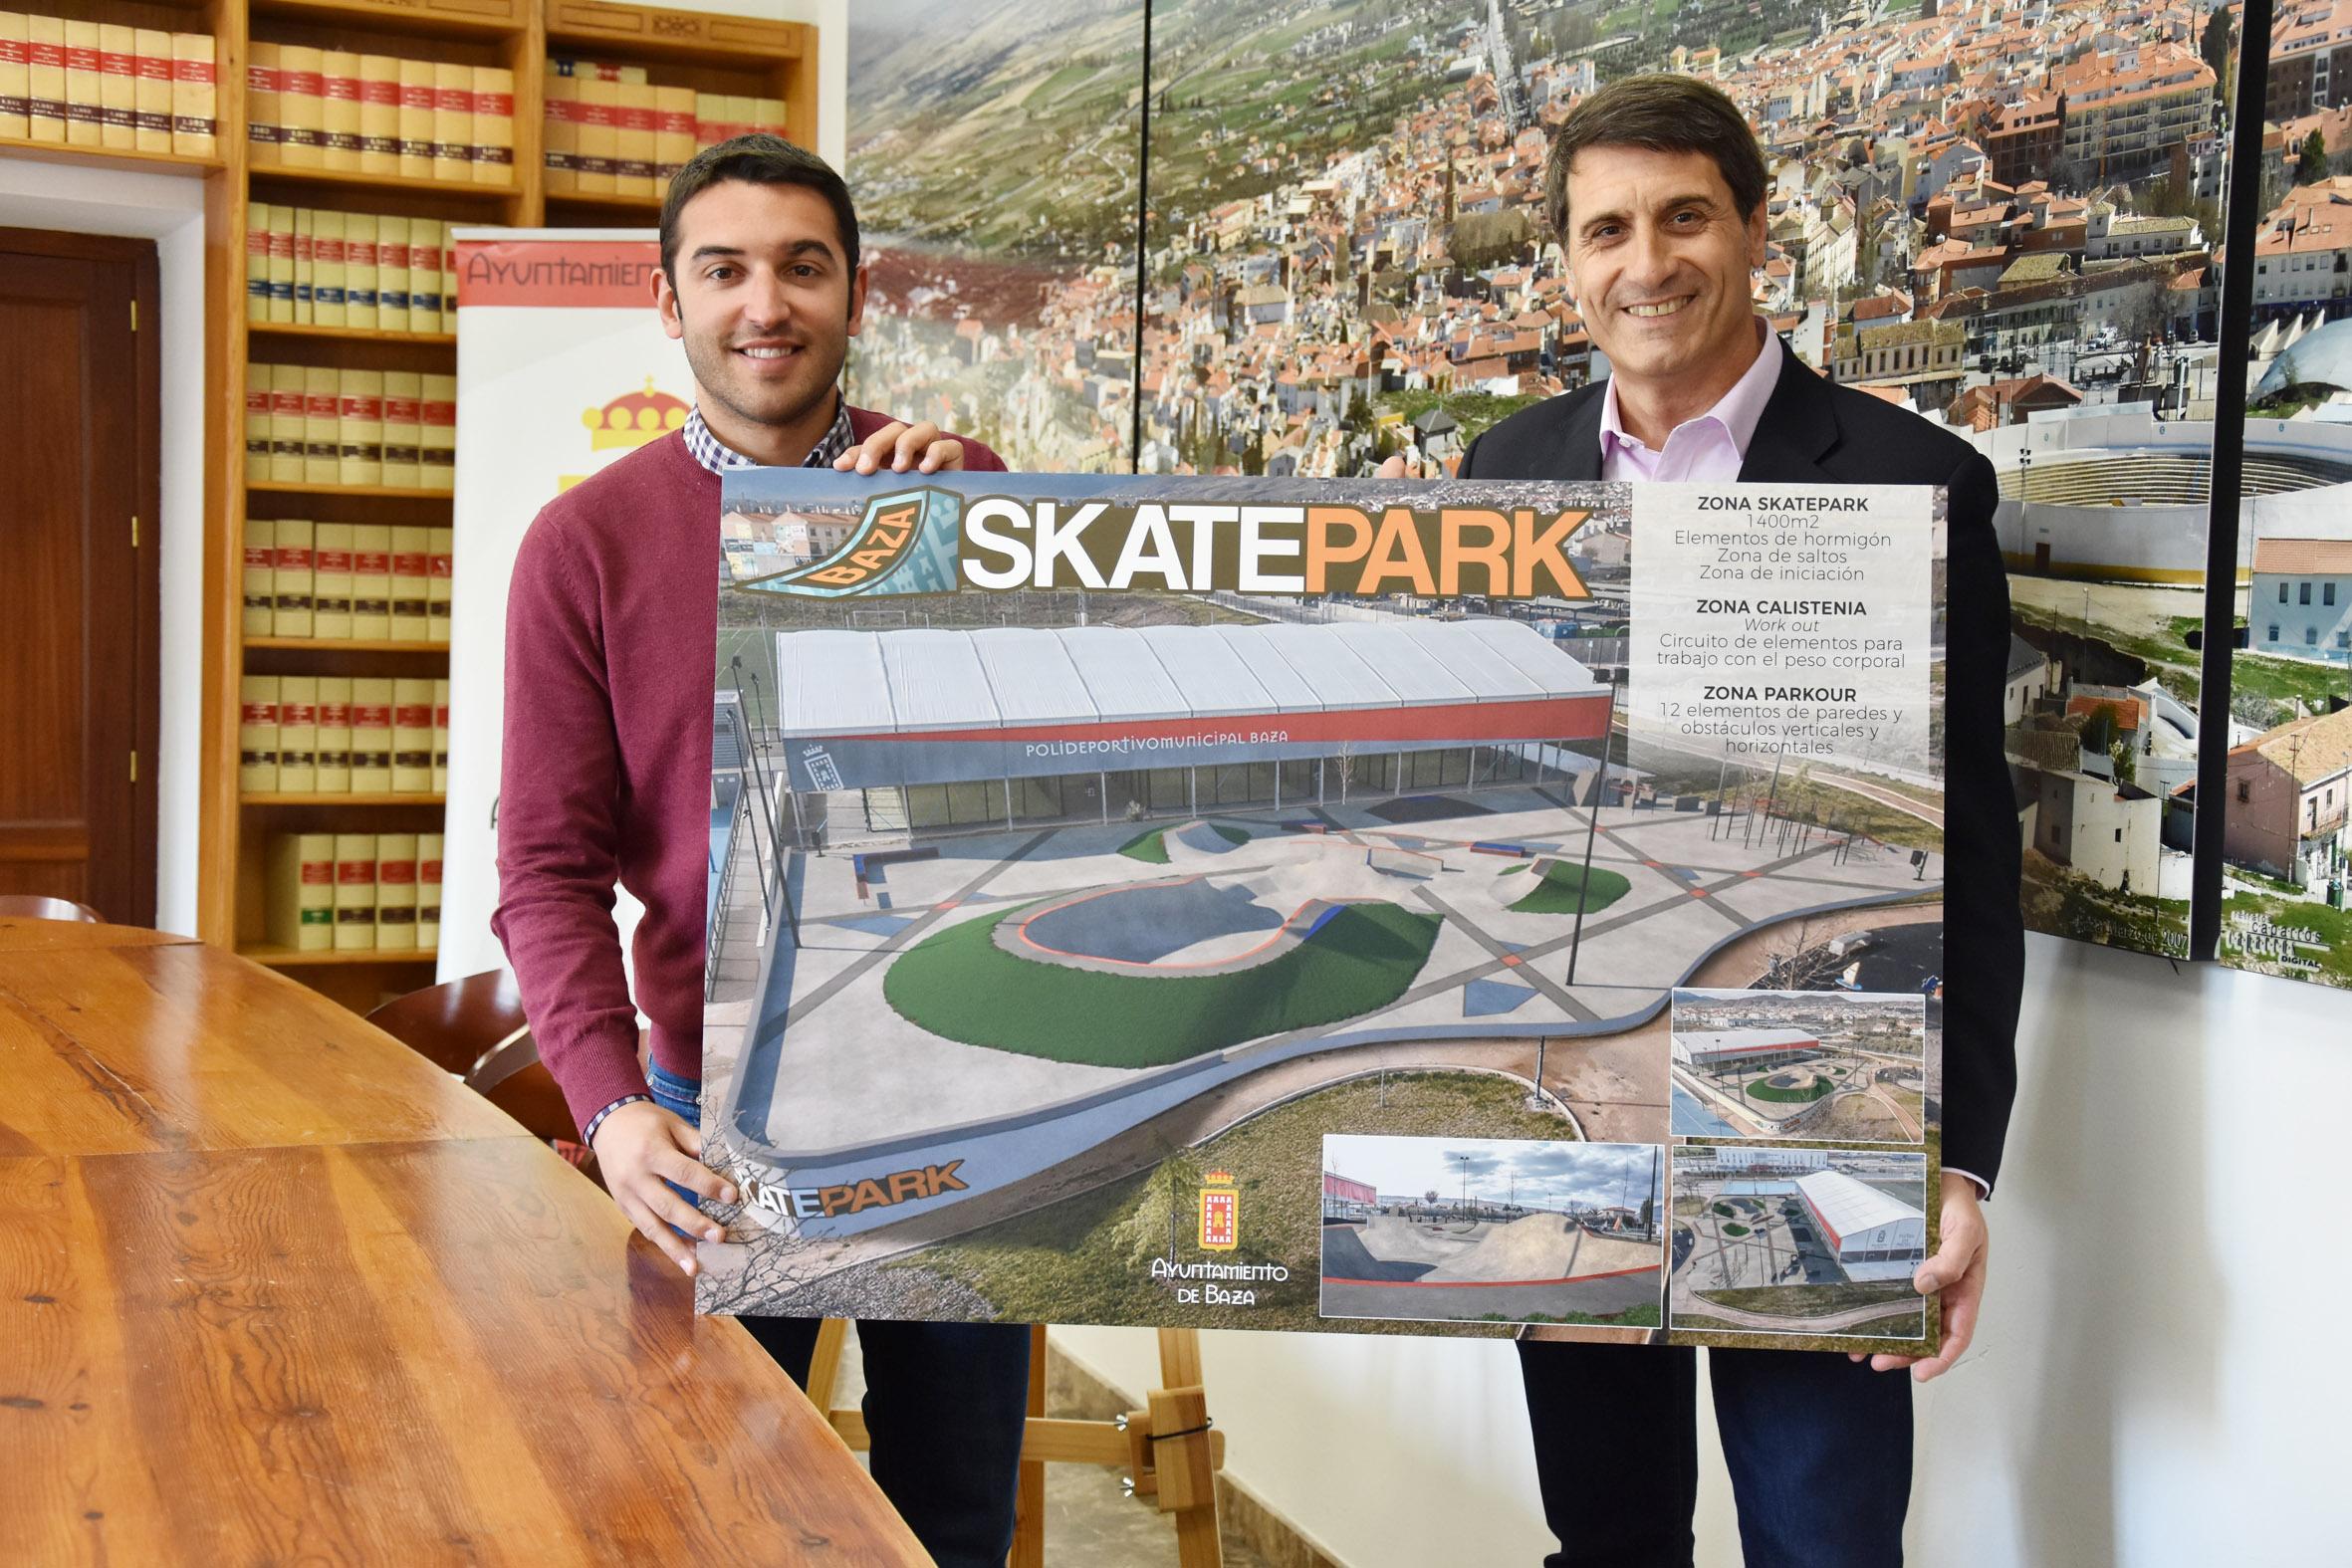 Presentación del espacio deportivo Skate Park de Baza